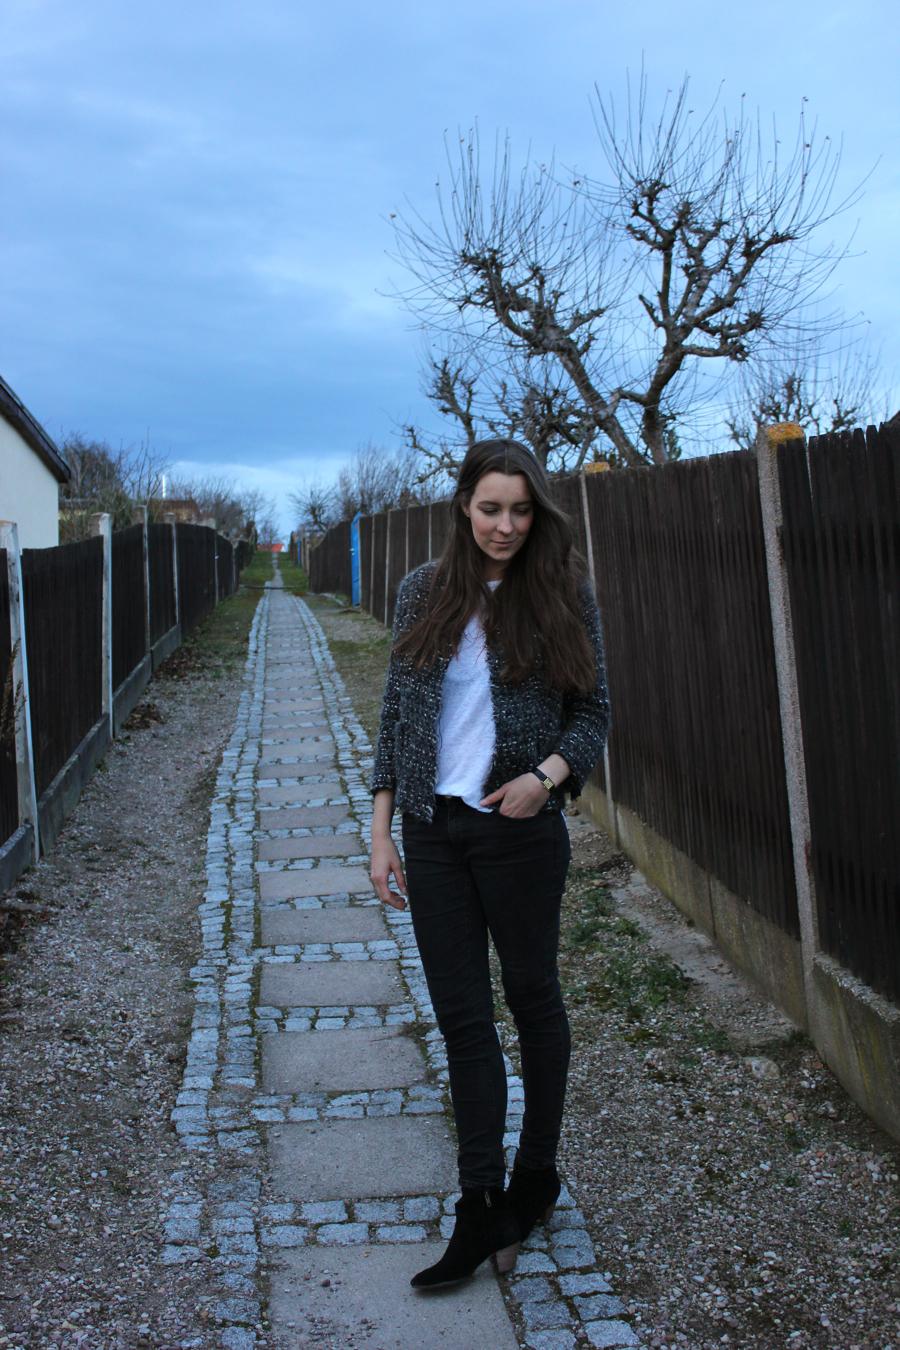 ari_traegt_xmas_tweed_isabelmarant_jacket_5